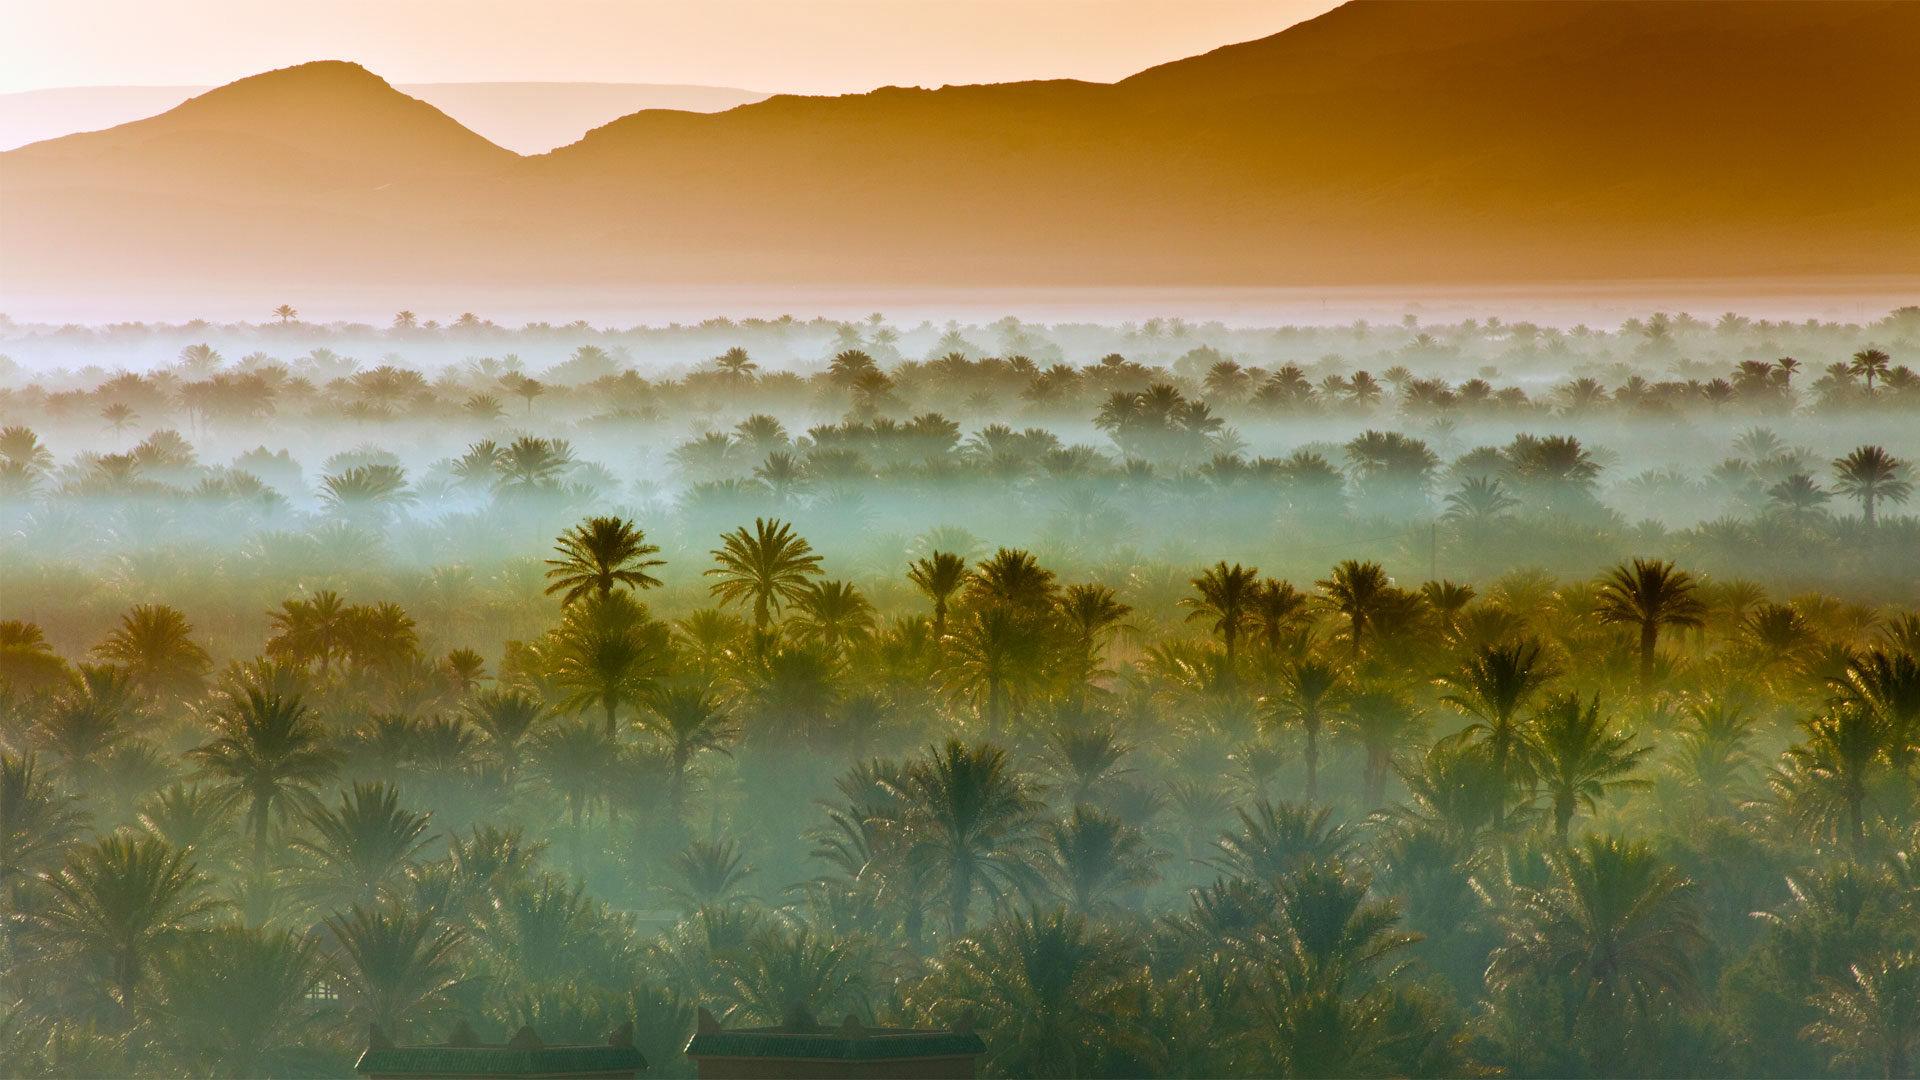 摩洛哥扎戈拉附近的椰枣树林